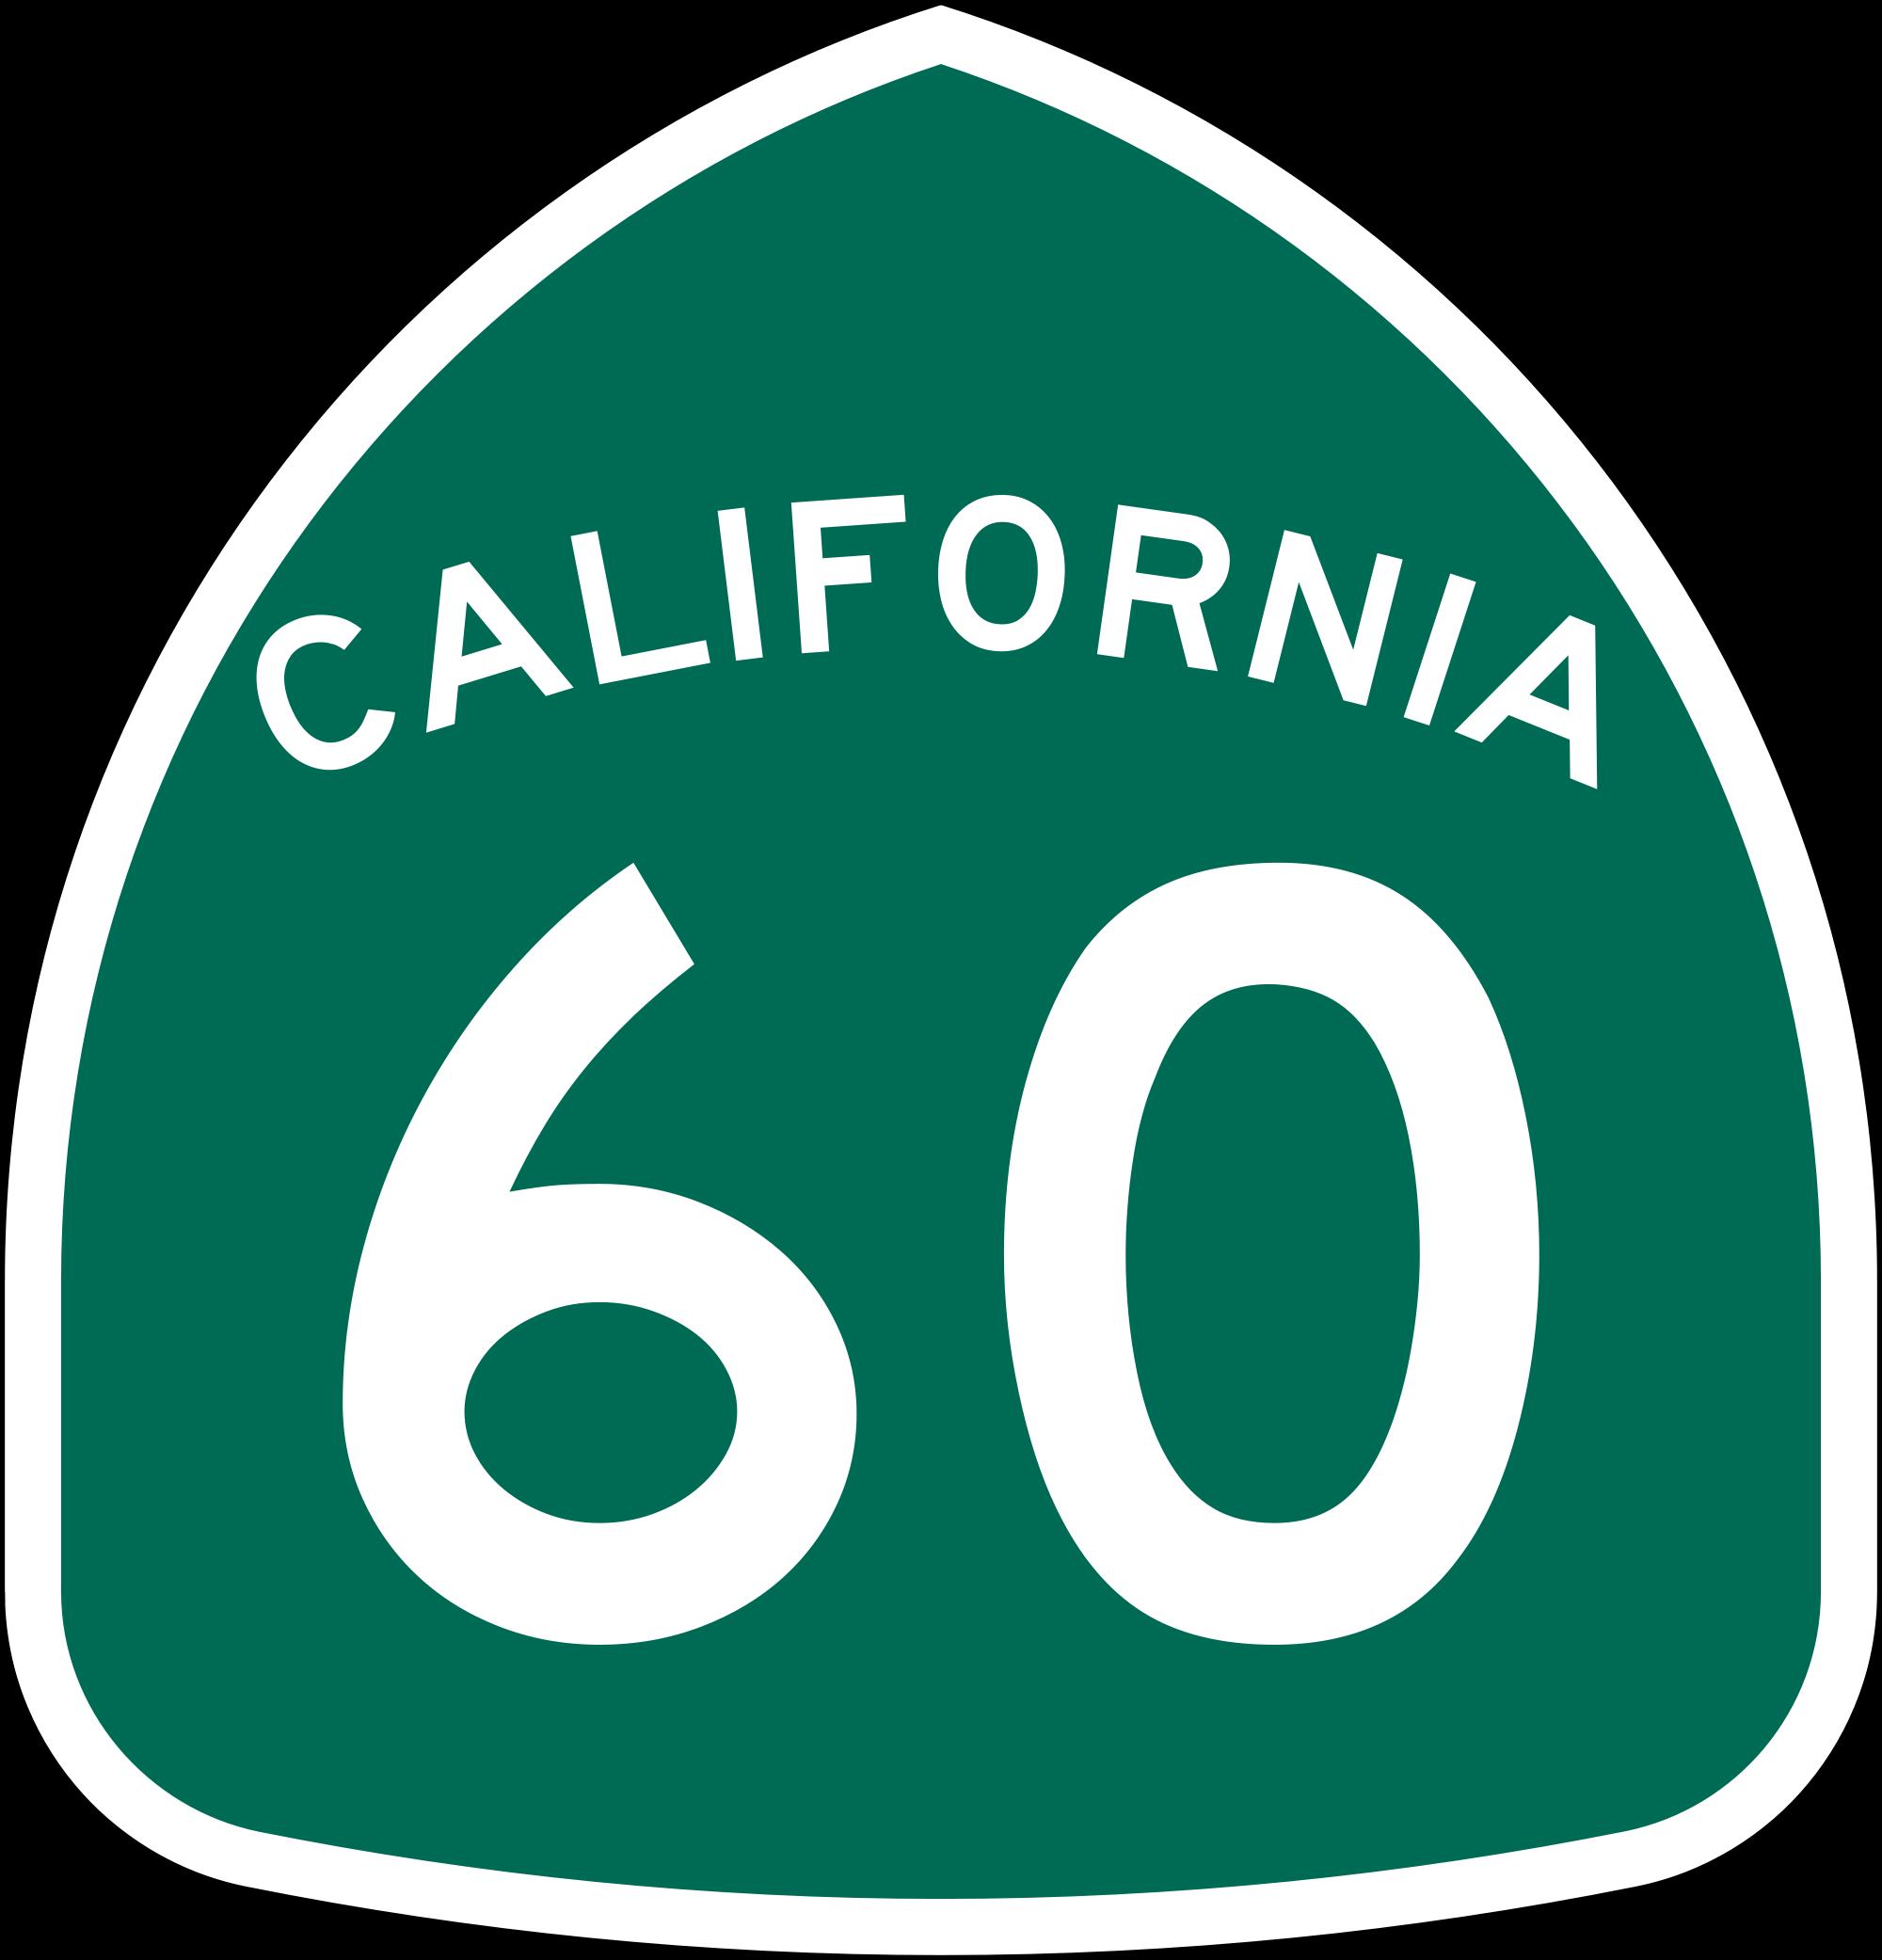 jpg free download highway vector freeway #97707830